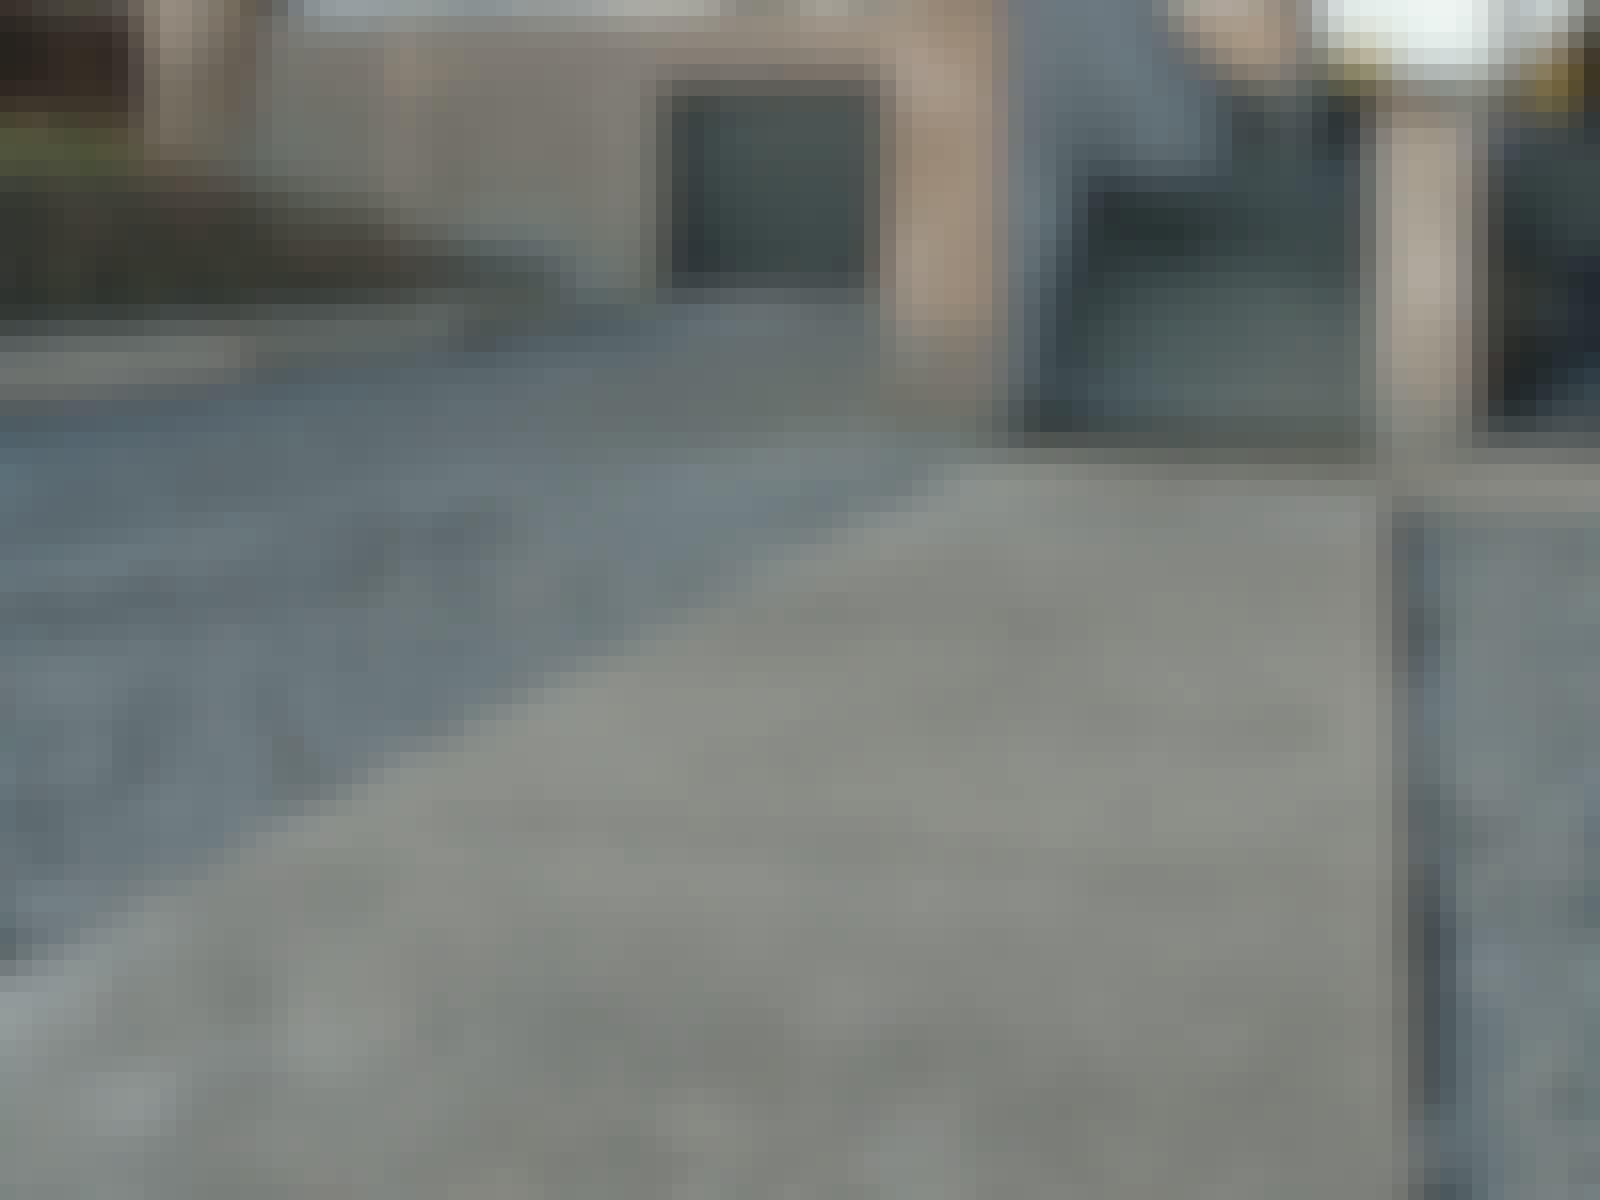 Hageheller i betong